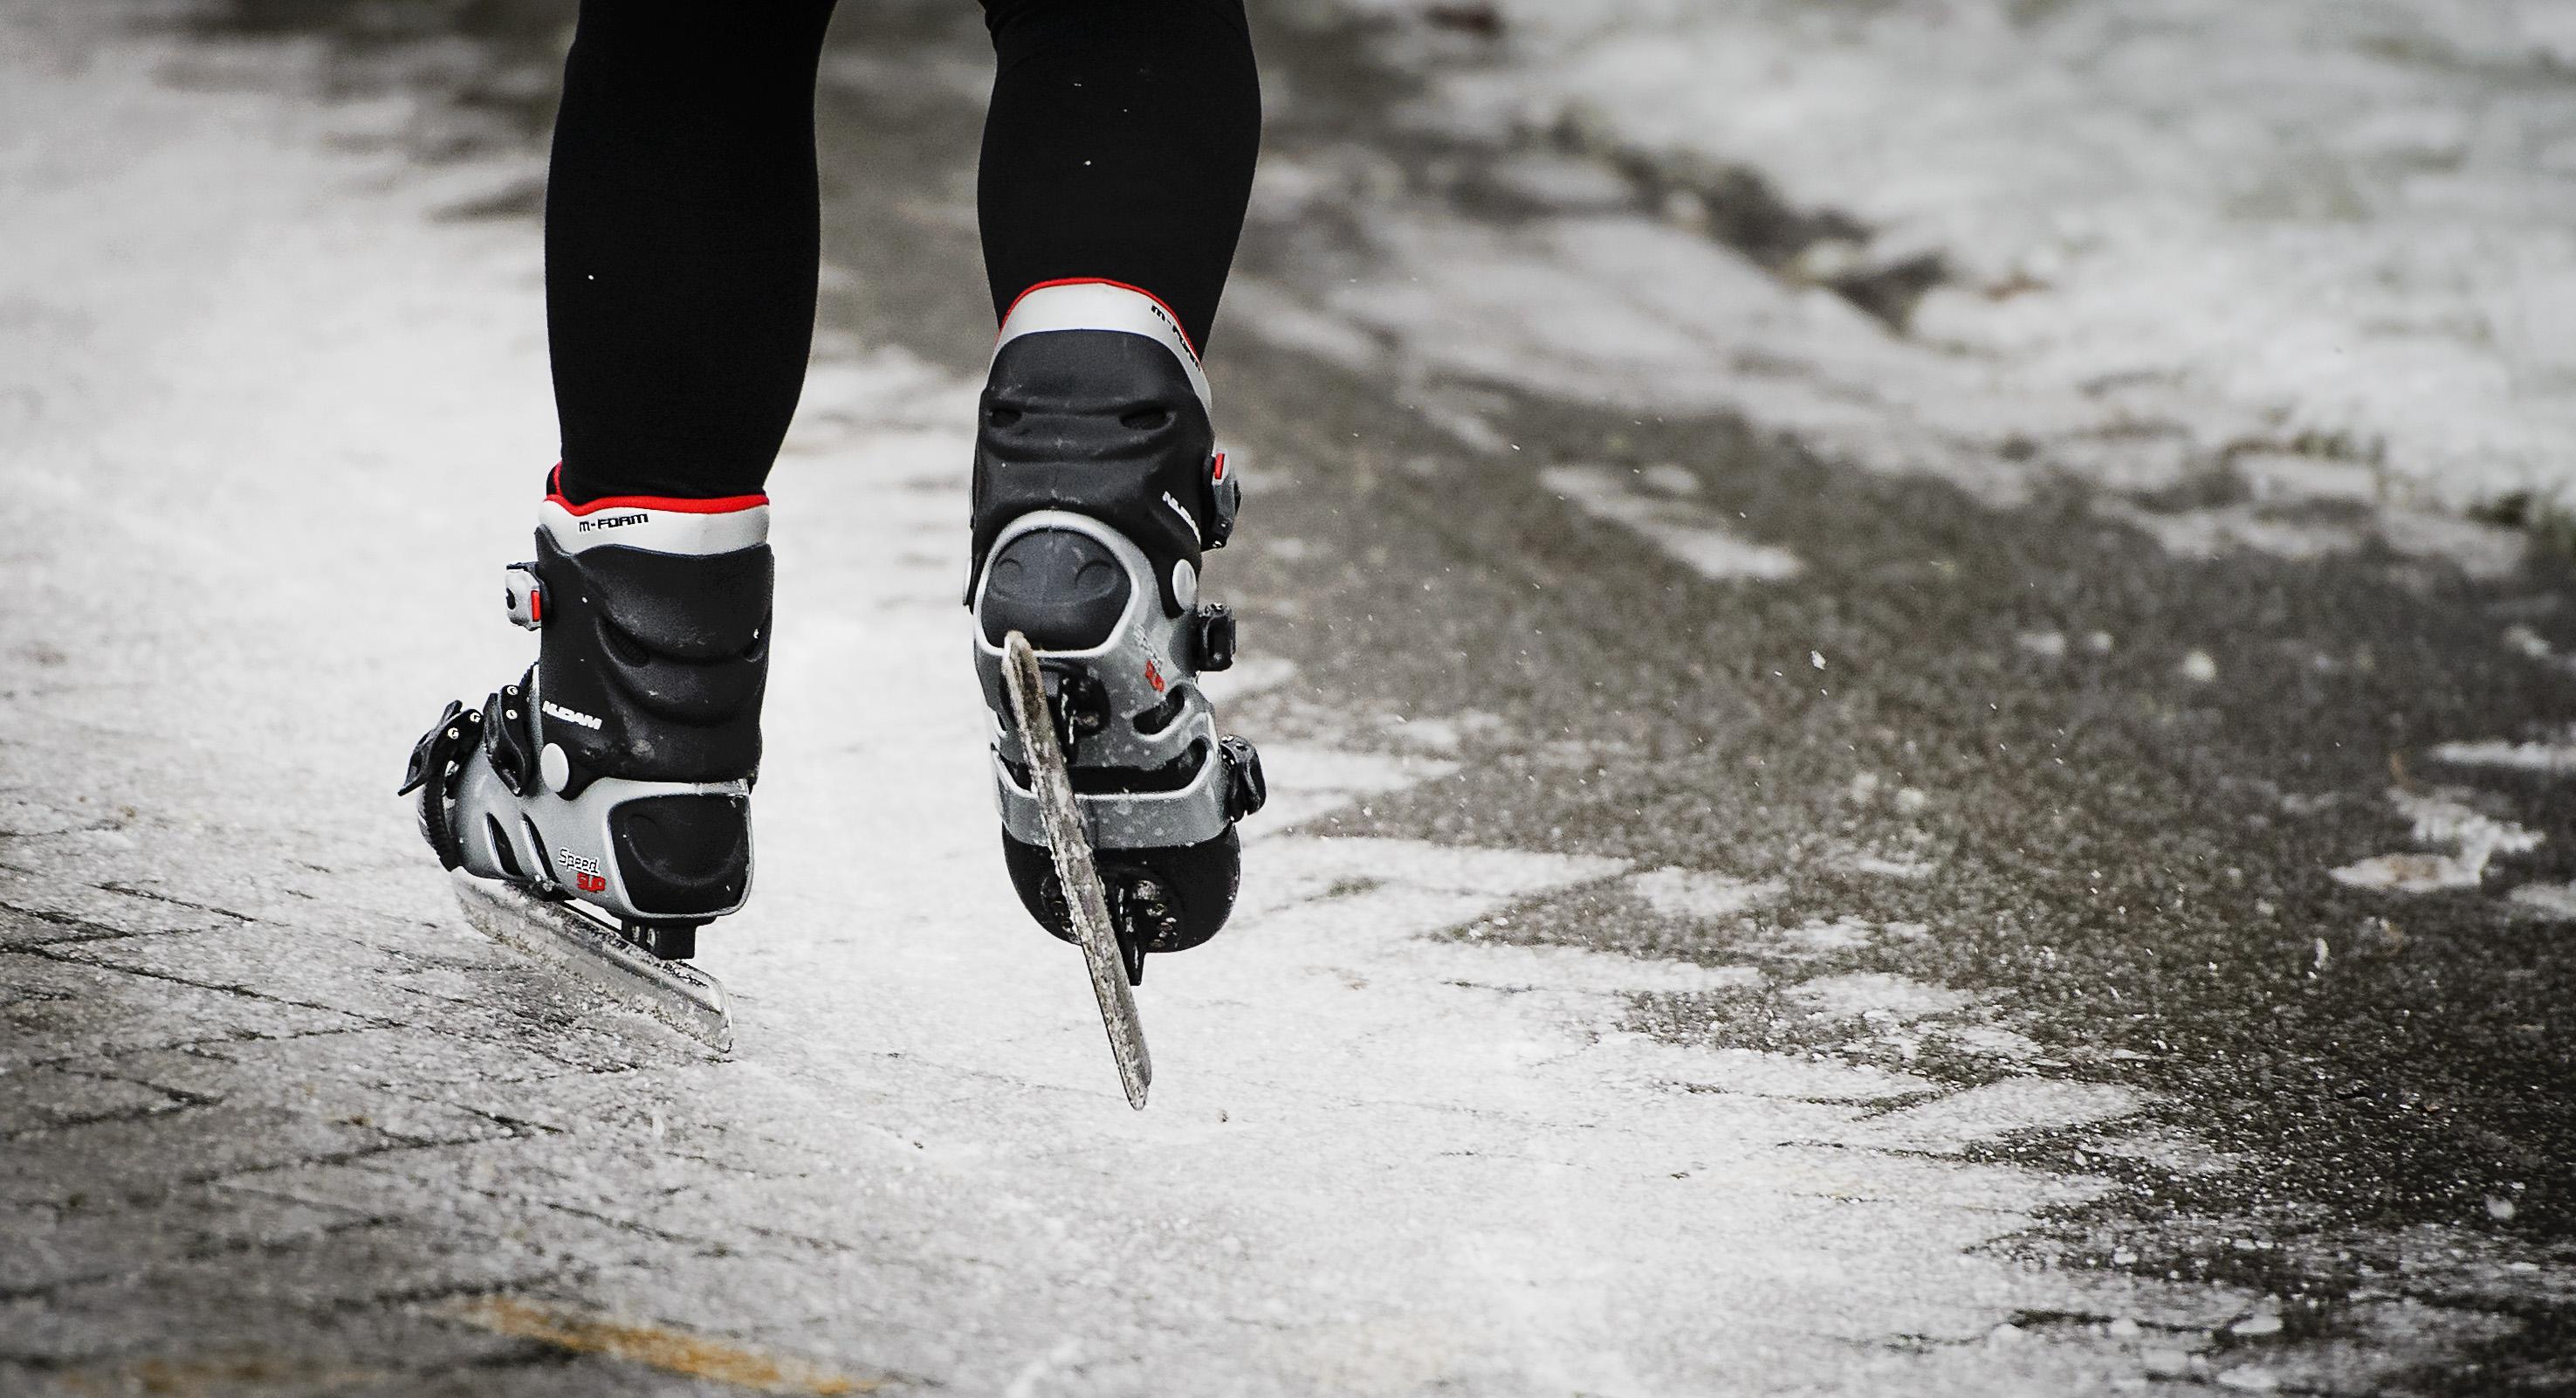 Niet overal schaatspret ondanks aangekondigde vrieskou: 'Niet verantwoord om nu open te gaan'